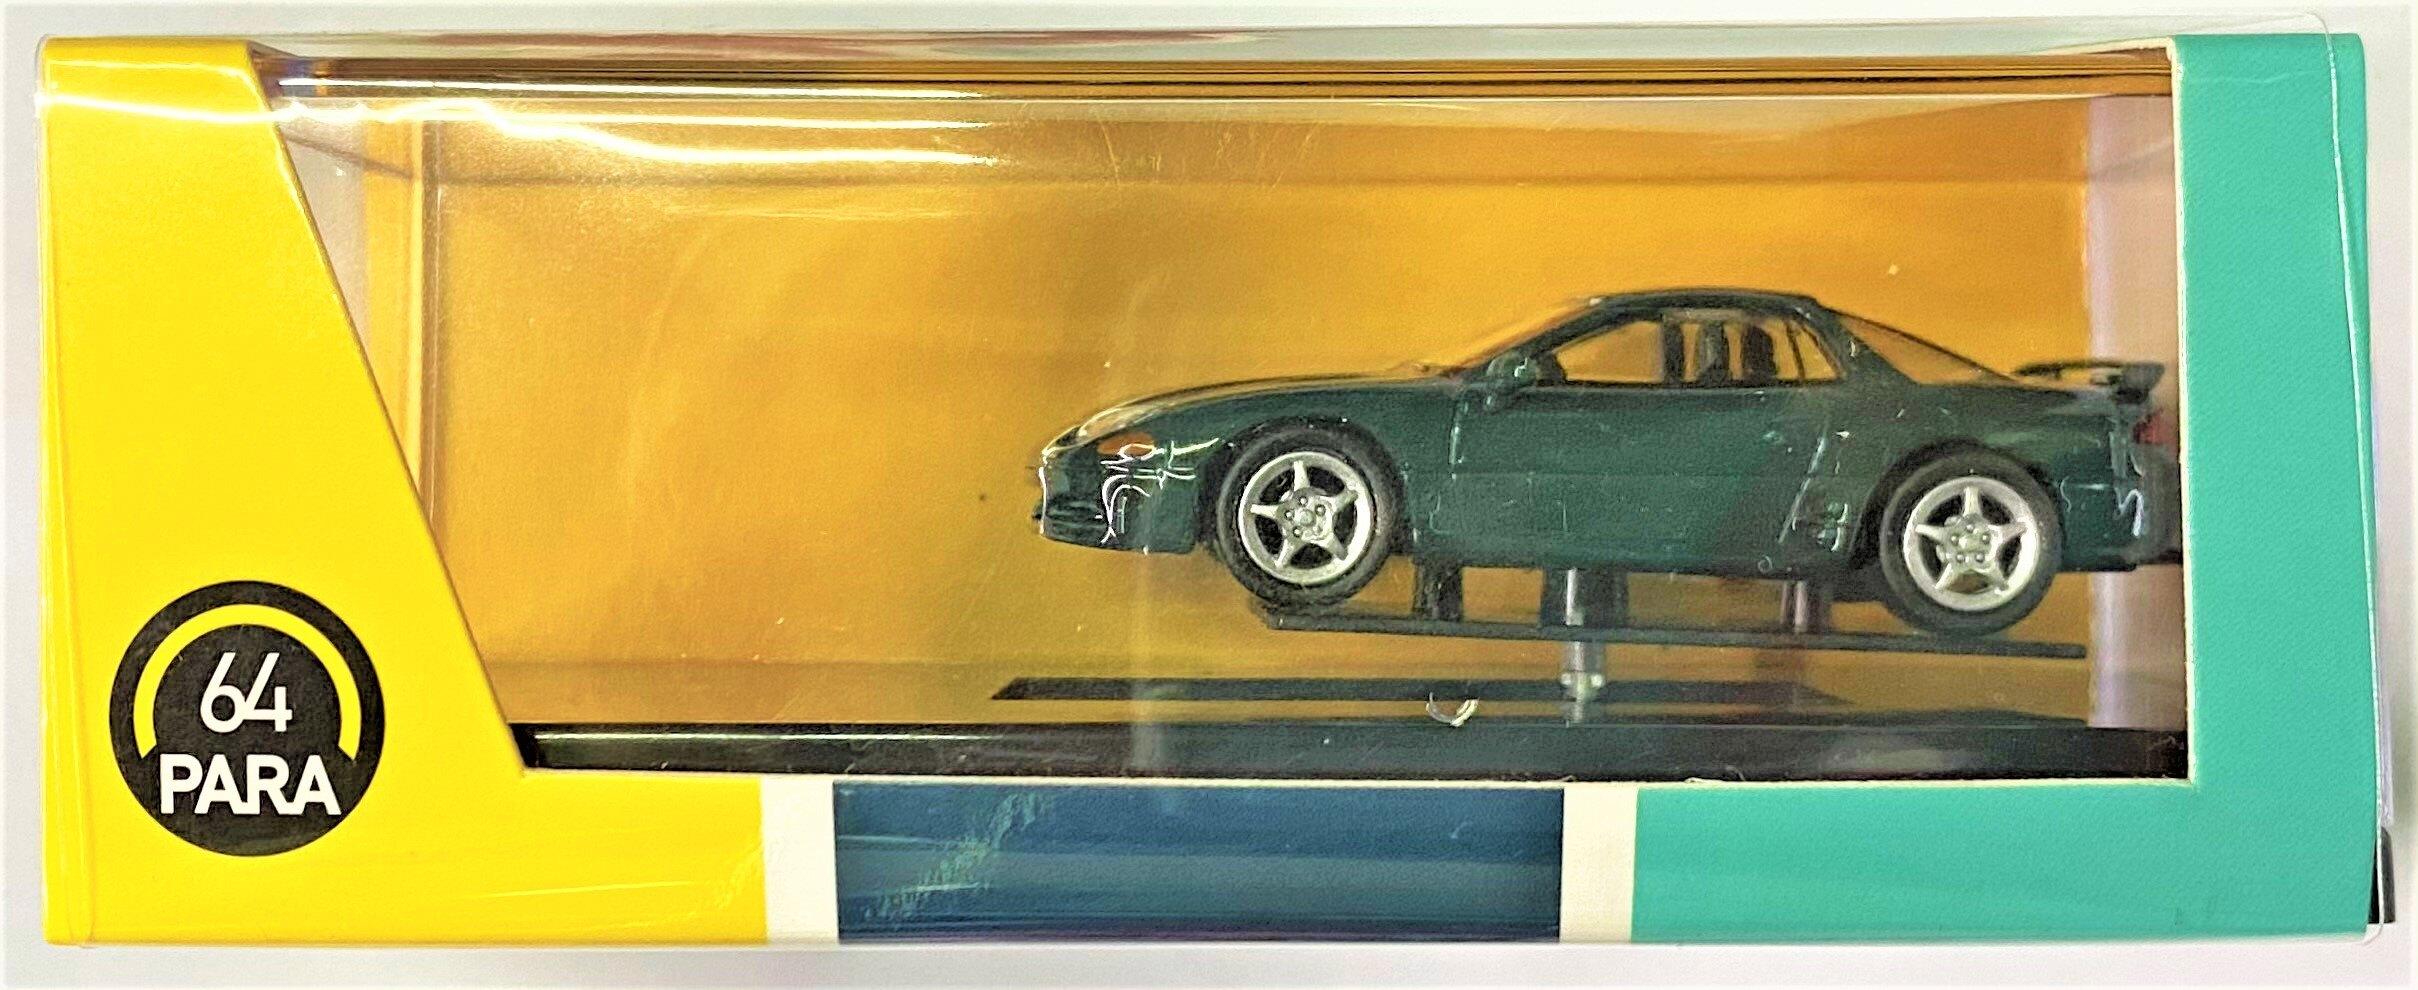 ☆勳寶玩具舖【現貨】PARA64  1/64 三菱 MITSUBISHI  3000GT GTO GREEN